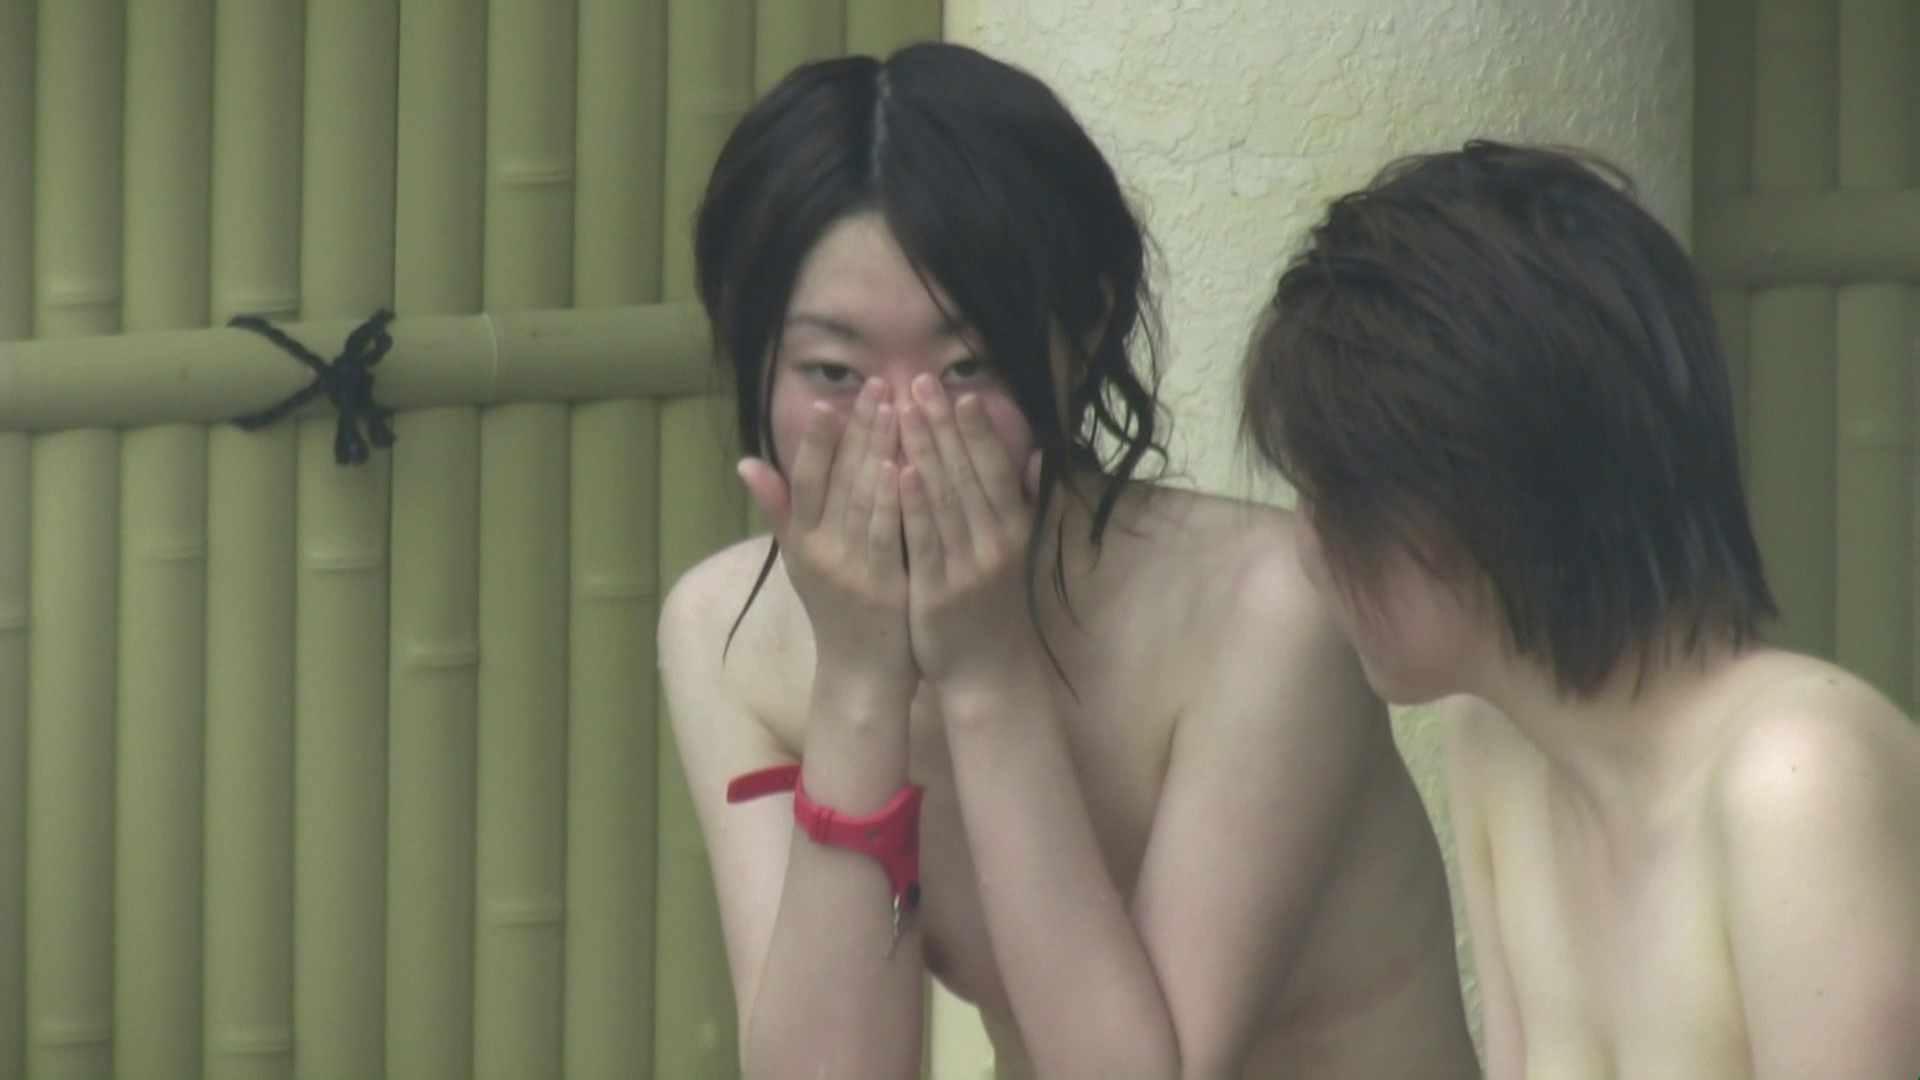 高画質露天女風呂観察 vol.025 女風呂 オマンコ無修正動画無料 88PIX 16